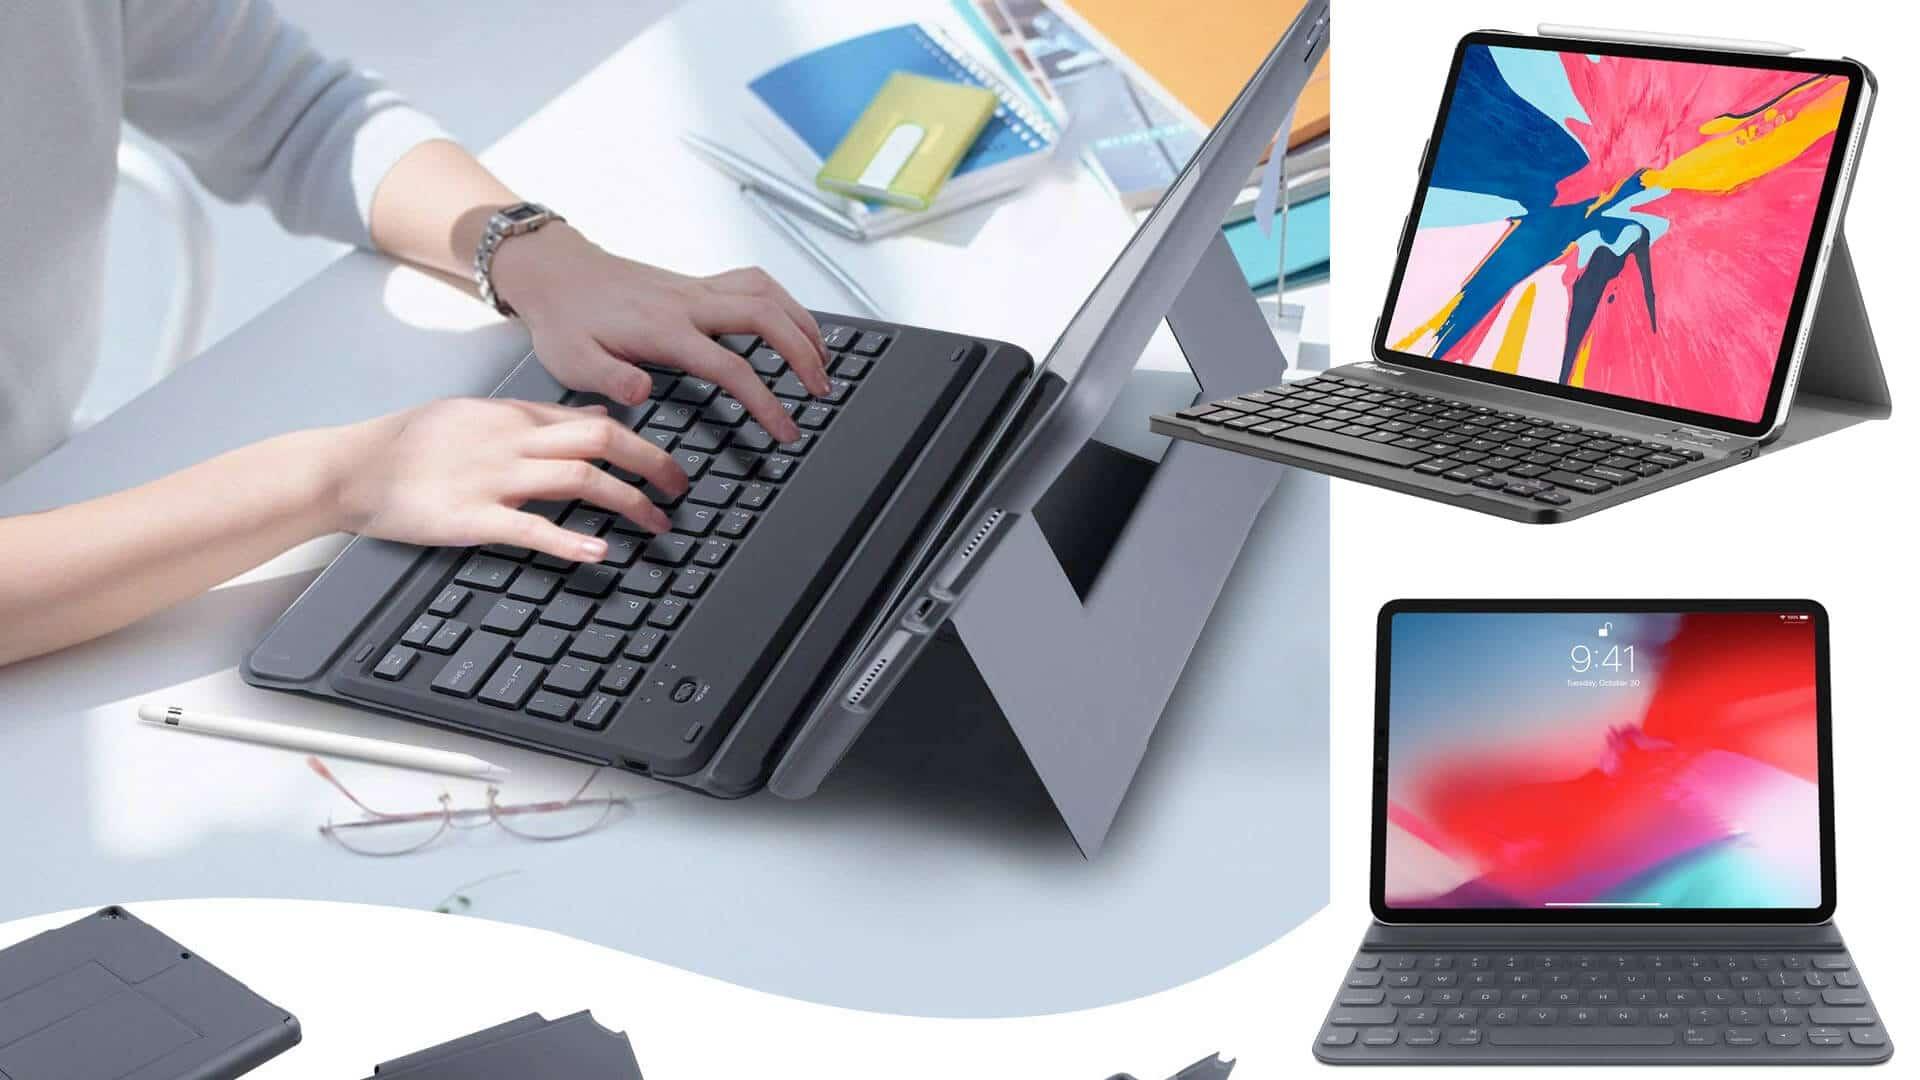 Best 11-inch iPad Pro Keyboard Cases in 2021 - iGeeksBlog